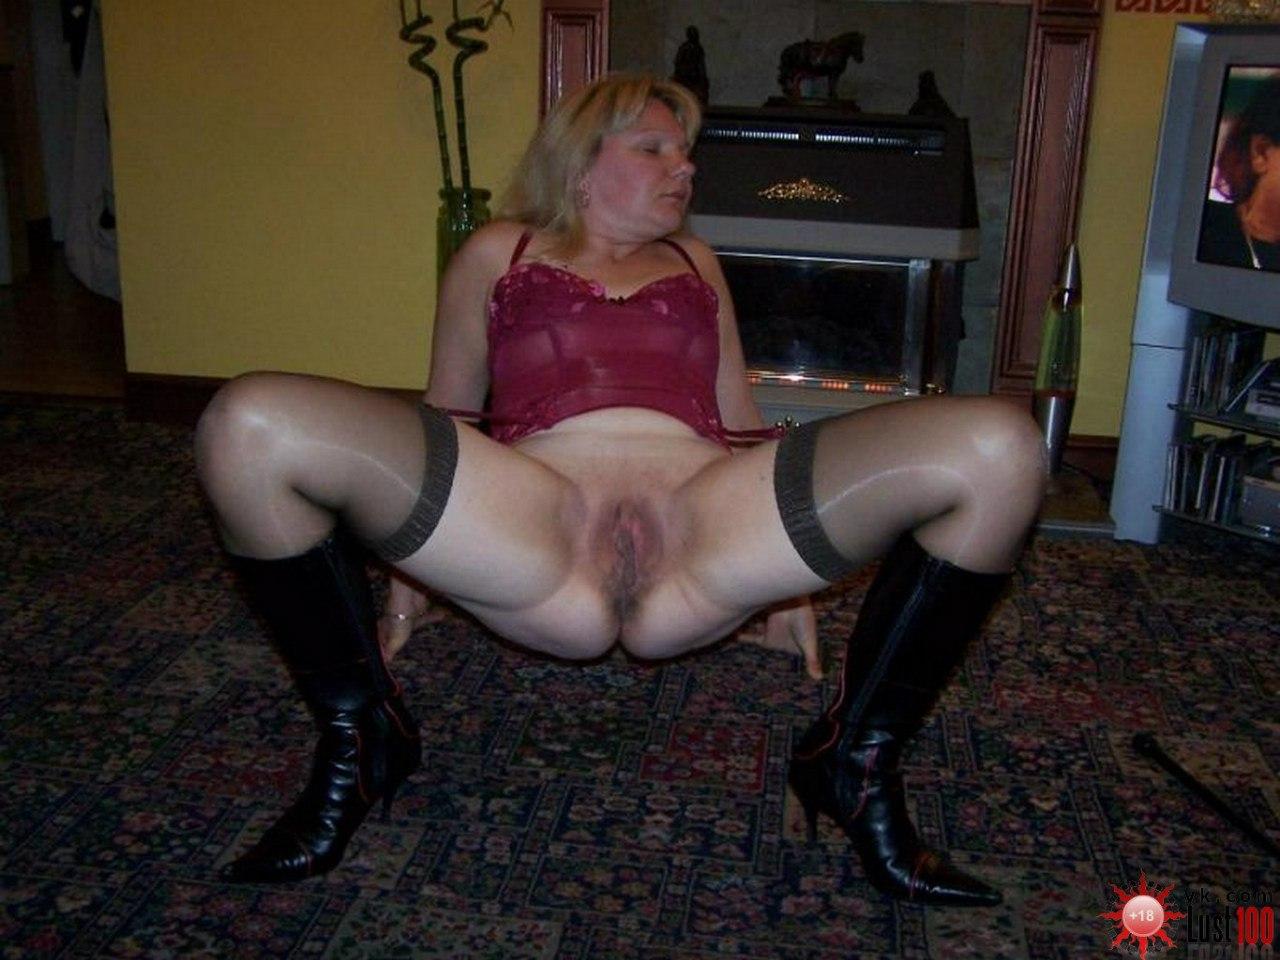 Смотреть бесплатно онлайн зрелые мамочки в деле эротика 29 фотография